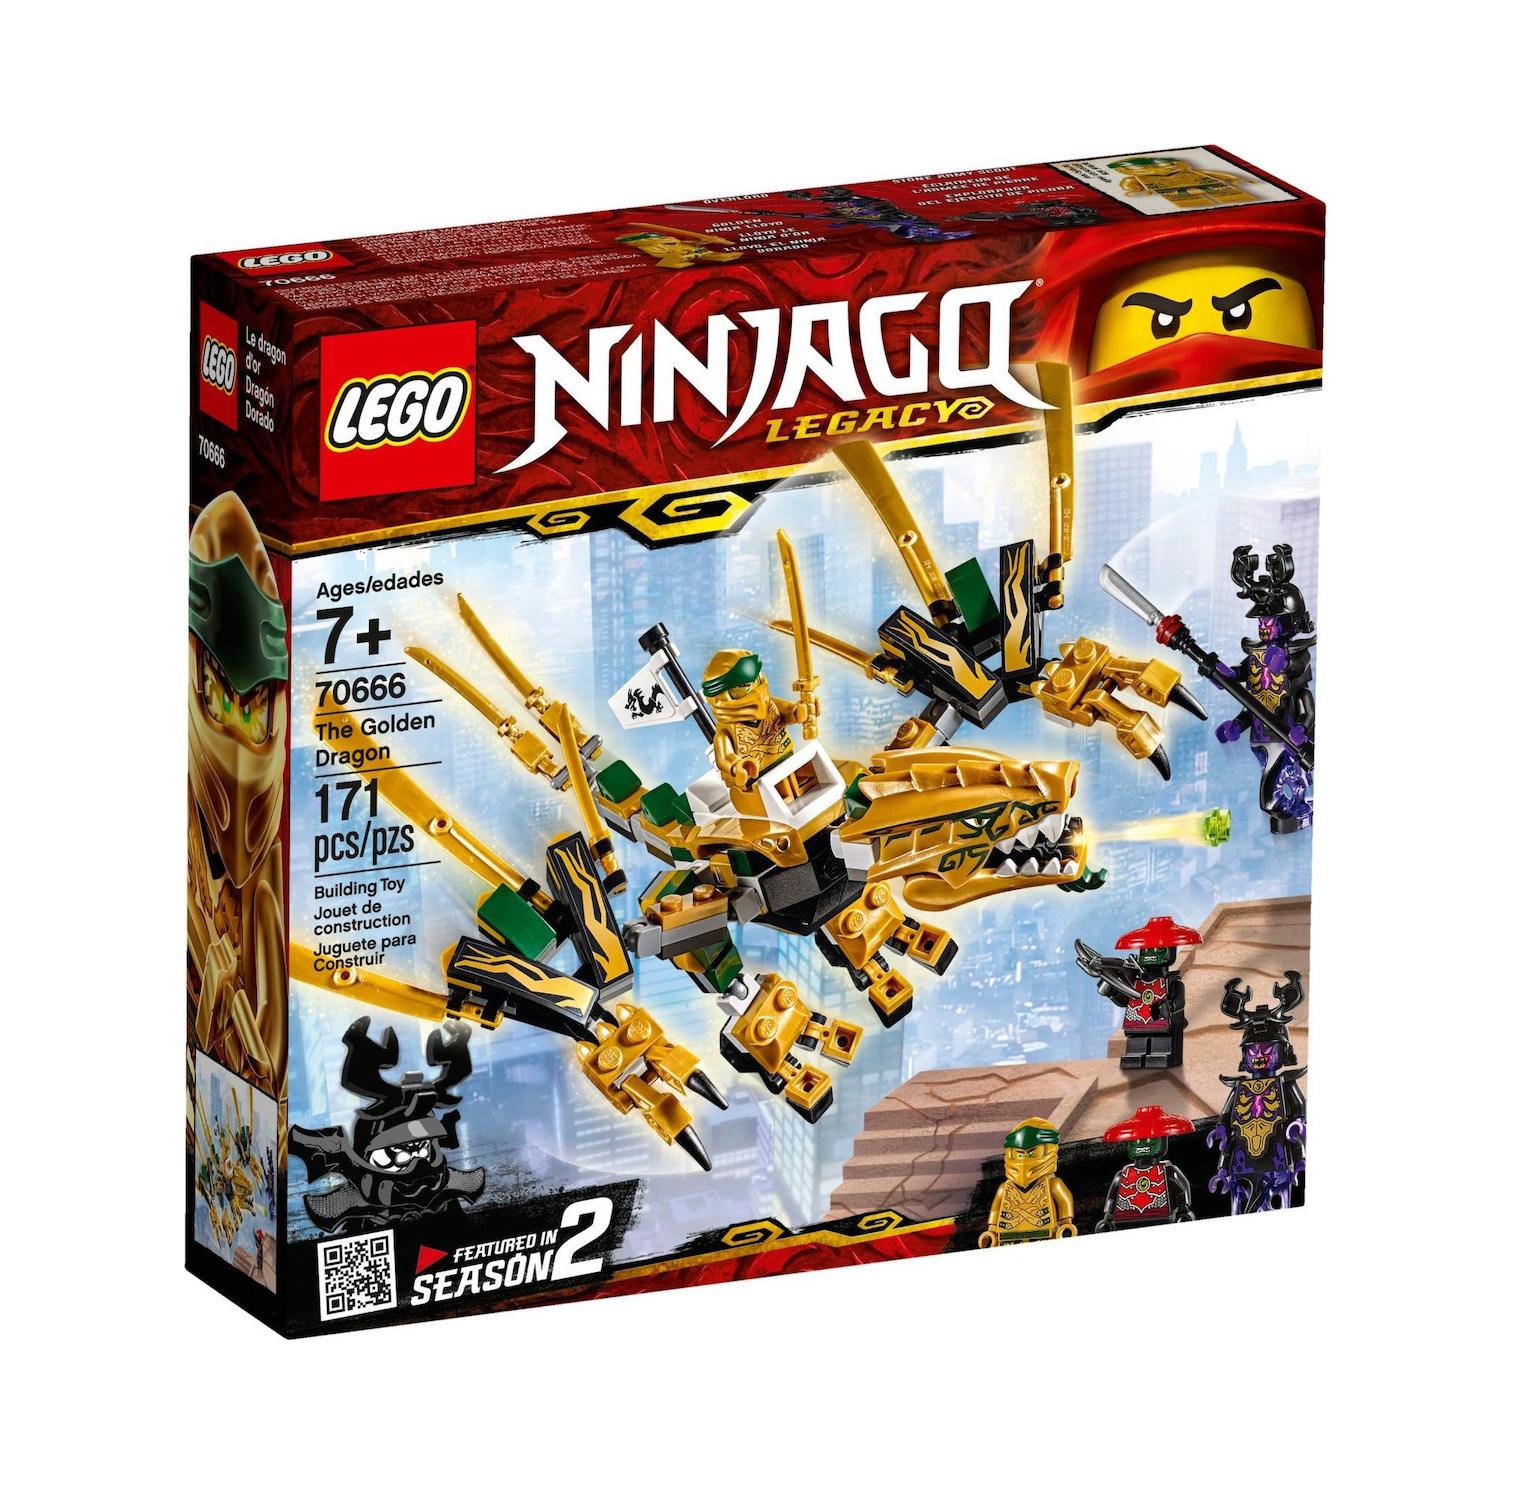 Lego Ninjago: The Golden Dragon 70666